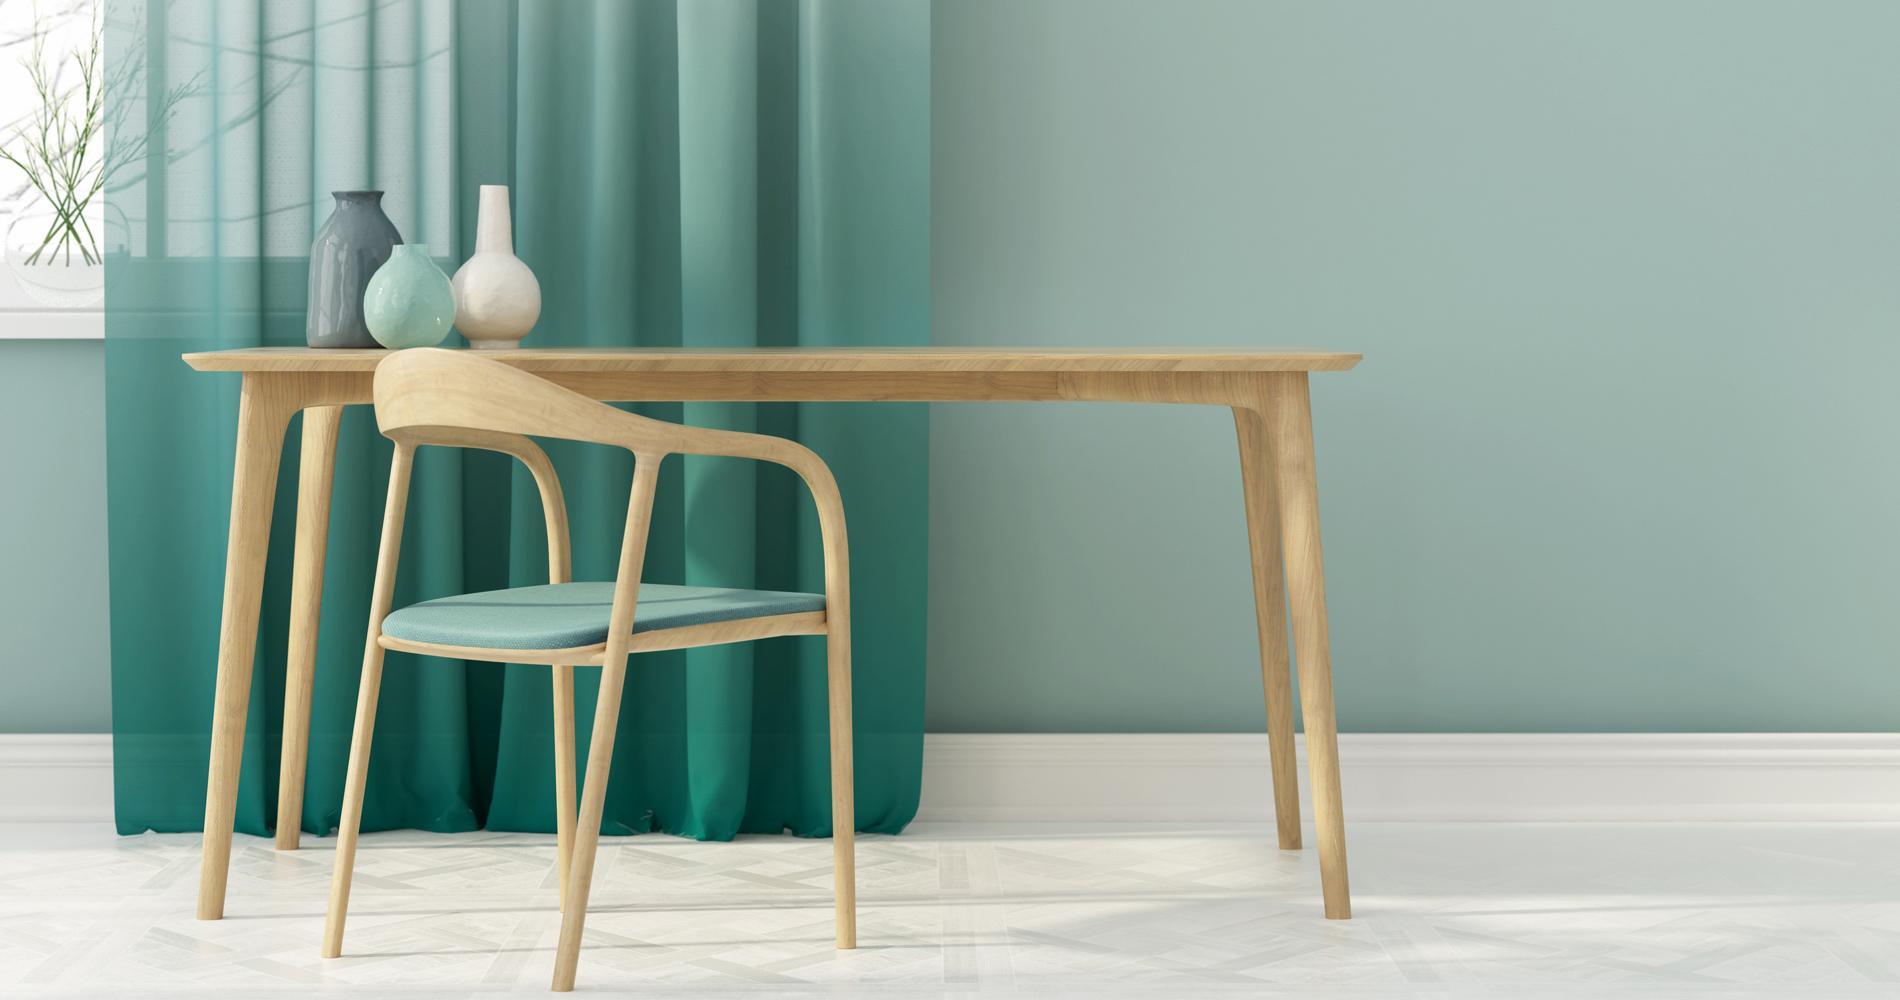 trois bonnes raisons d 39 adopter la teinte vert sauge en d co madame figaro. Black Bedroom Furniture Sets. Home Design Ideas